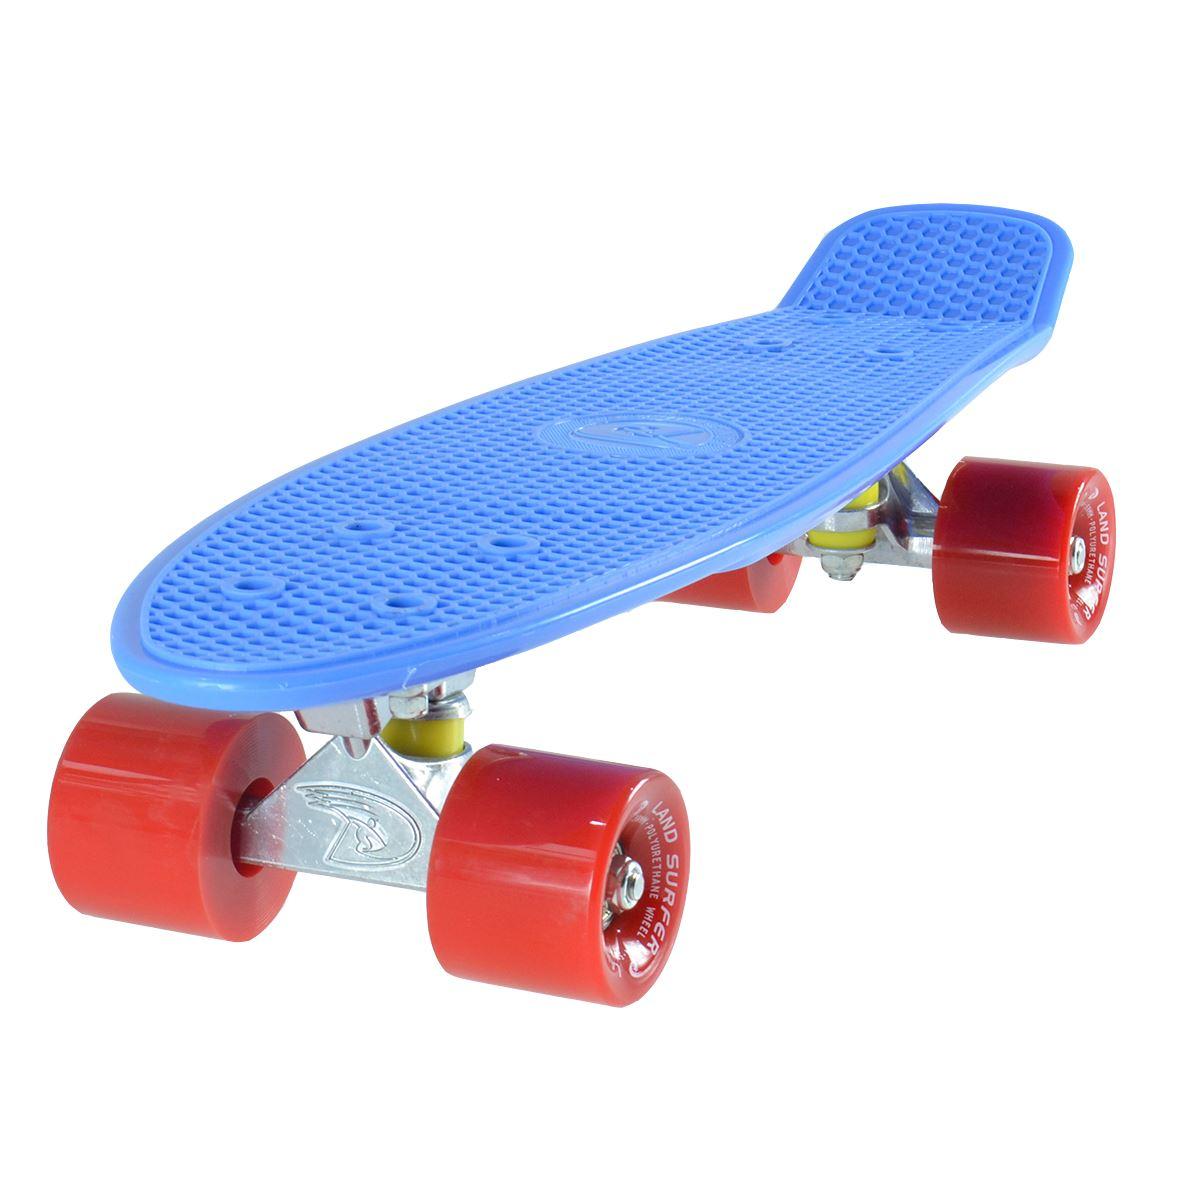 land surfer cruiser skateboard 22 blau brett kr ftig rot reifen ebay. Black Bedroom Furniture Sets. Home Design Ideas